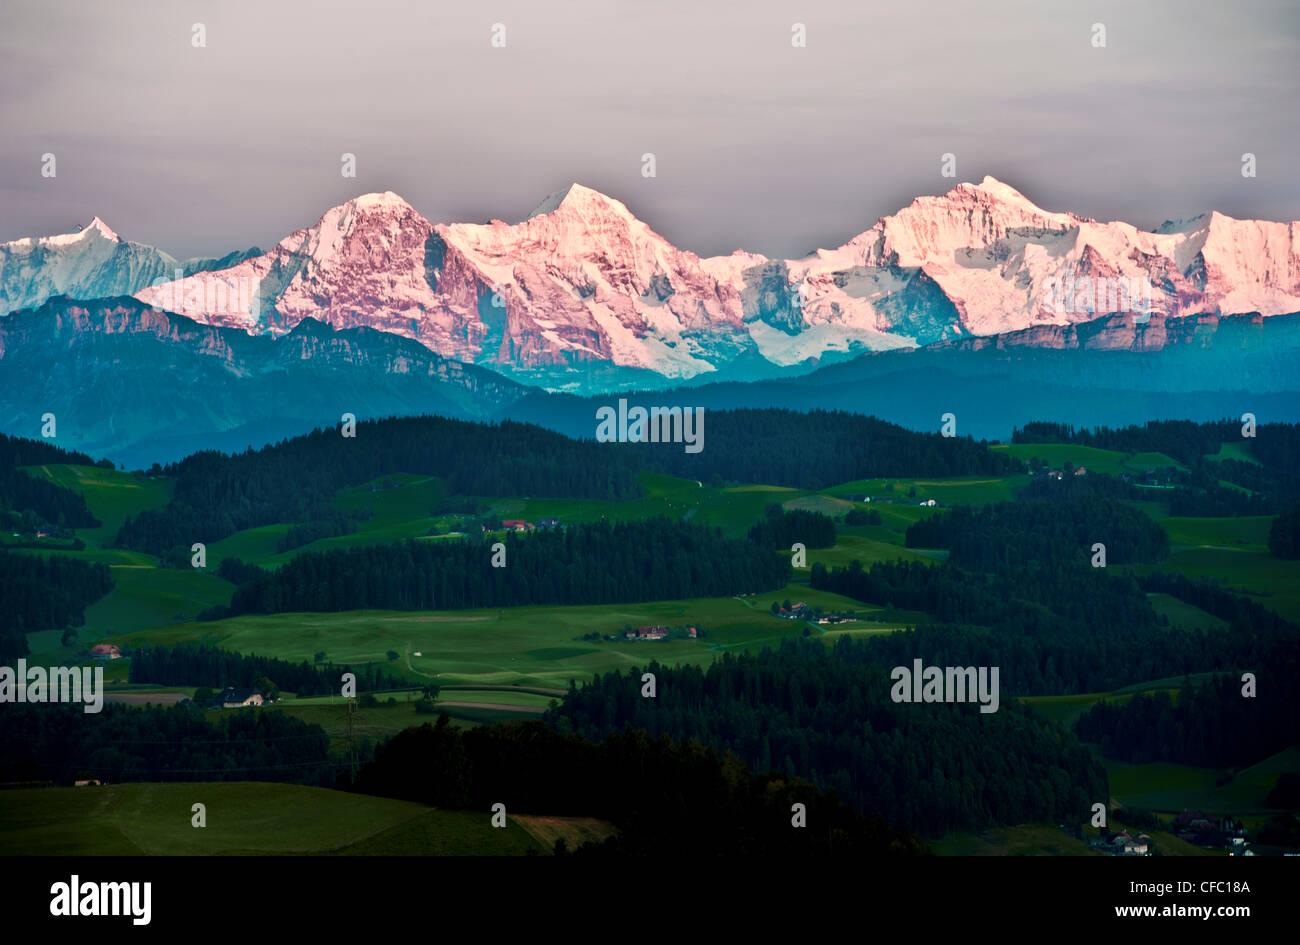 Chaîne de montagnes, montagne, ferme, fermes, Alpes Bernoises, l'Eiger, Emmental, Hautes Alpes, Jungfrau, Photo Stock